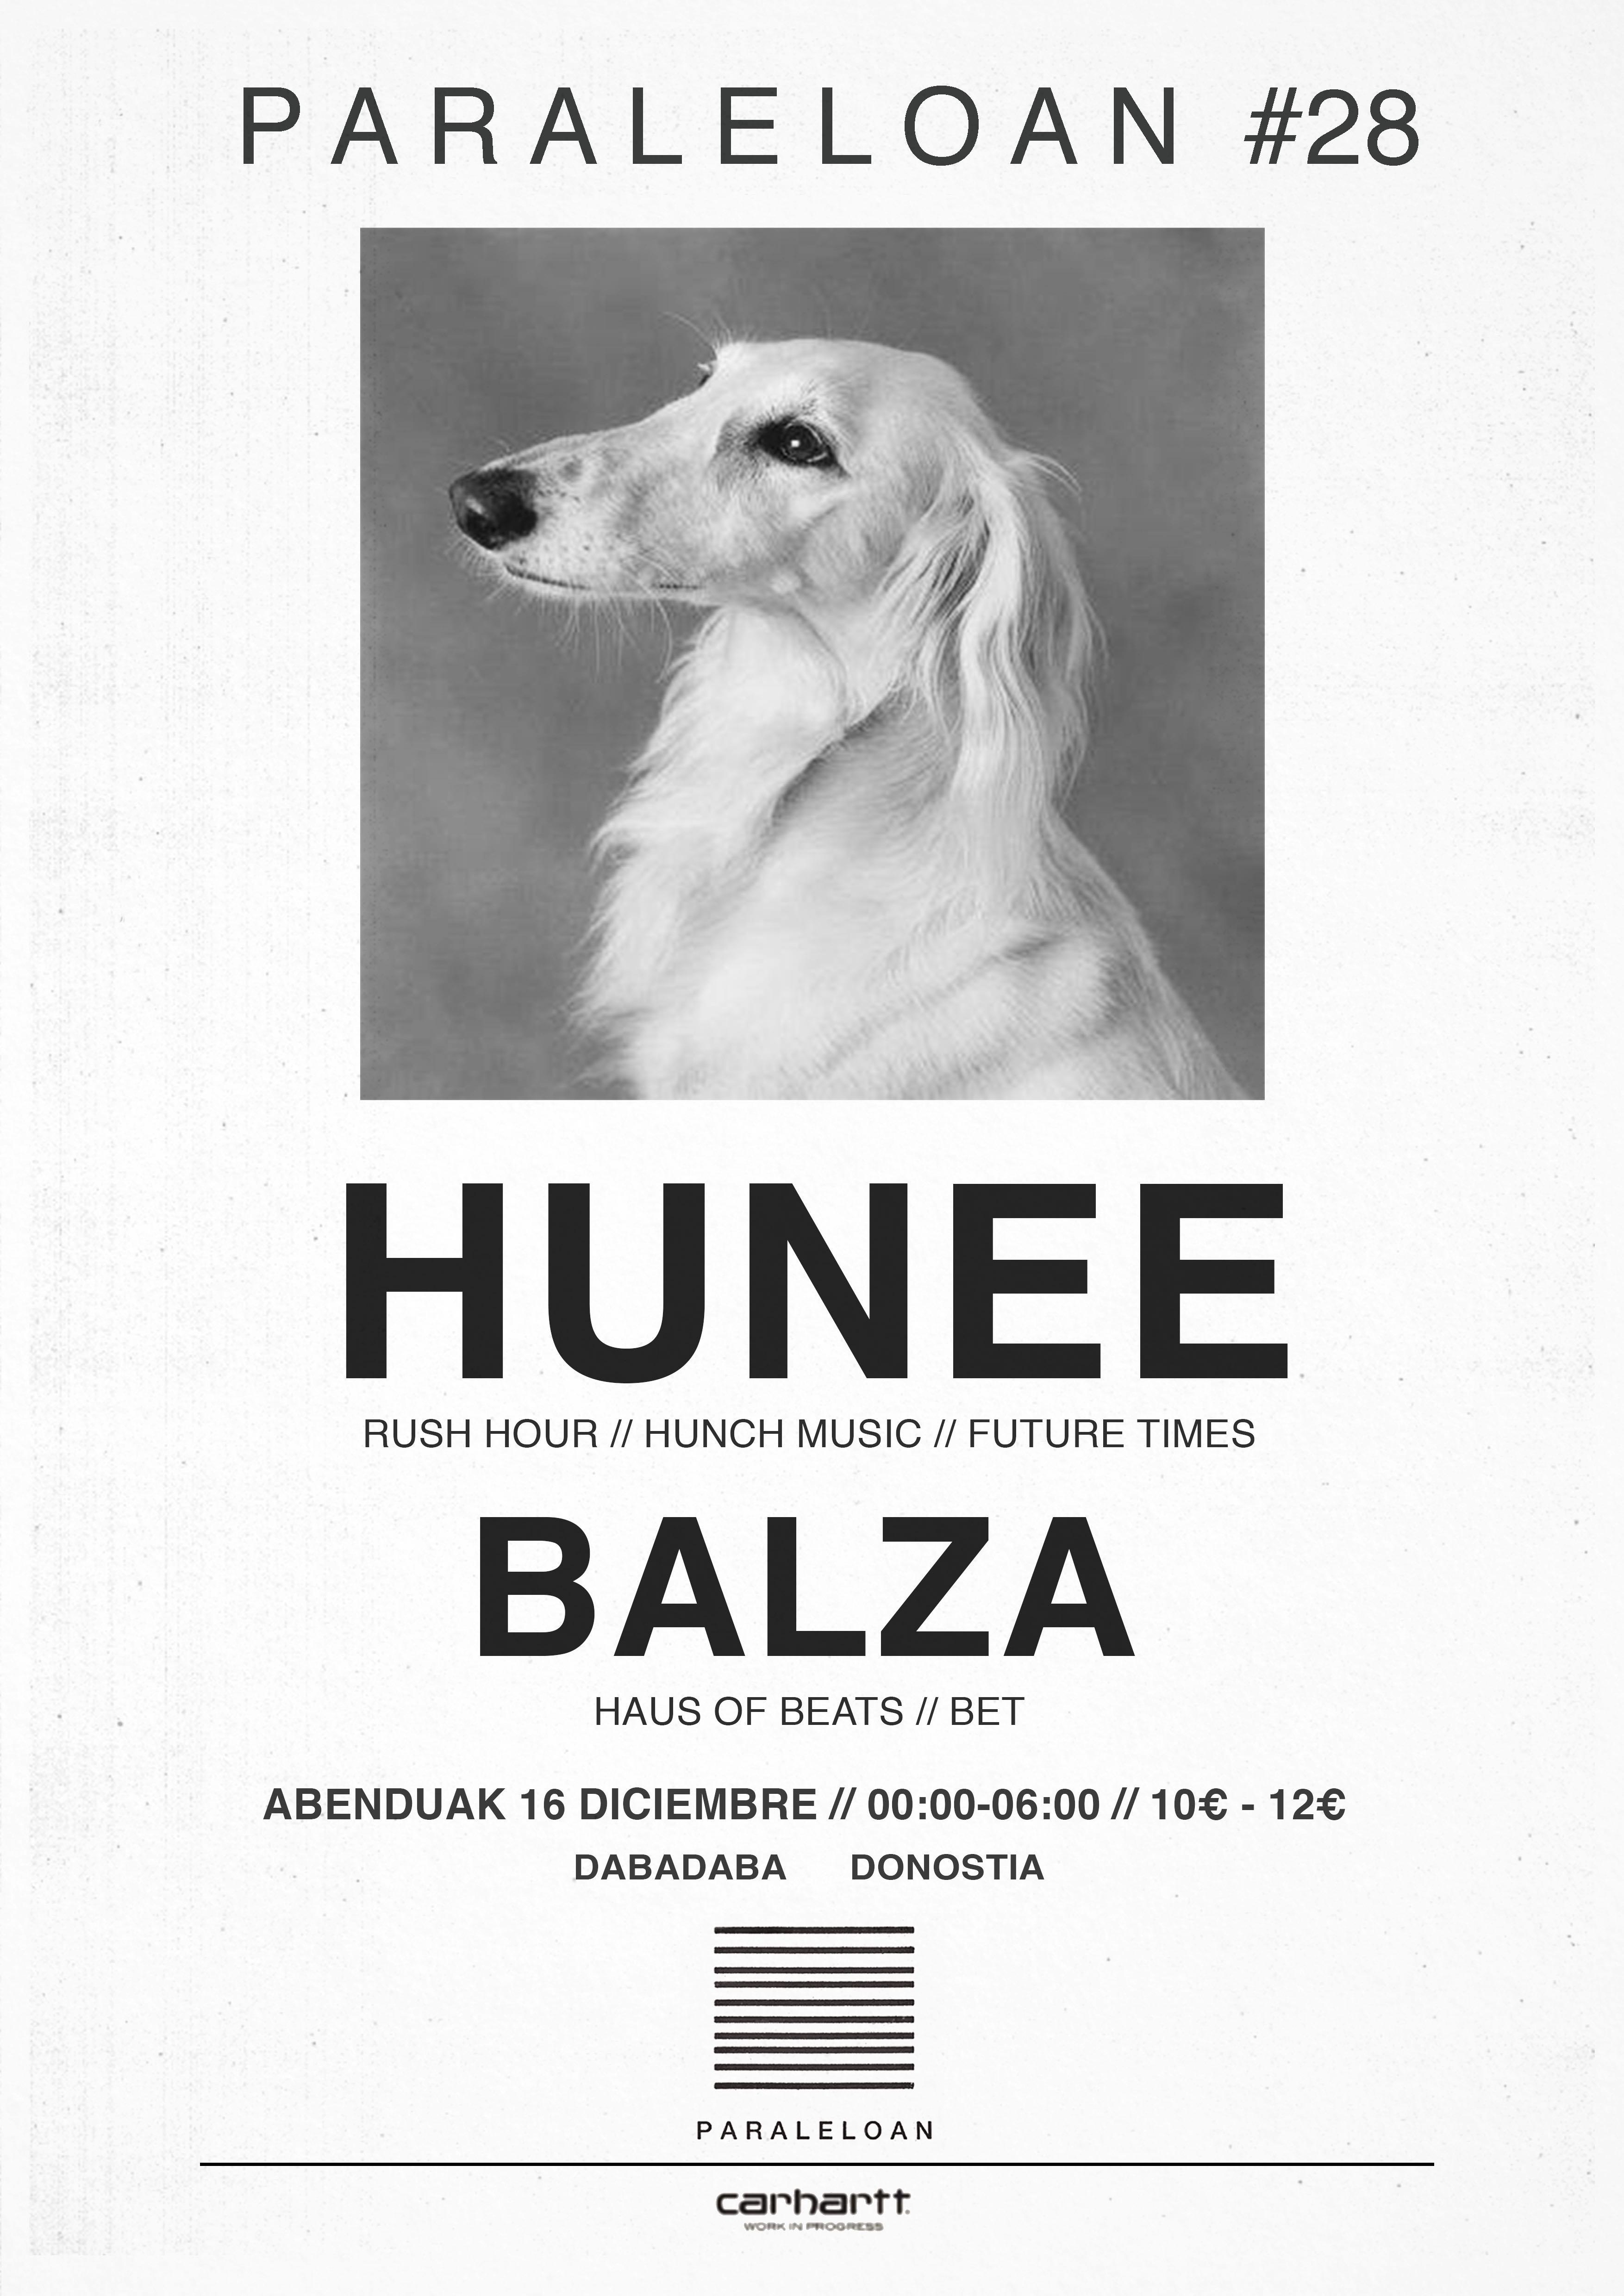 PARALELOAN #28 - HUNEE // BALZA